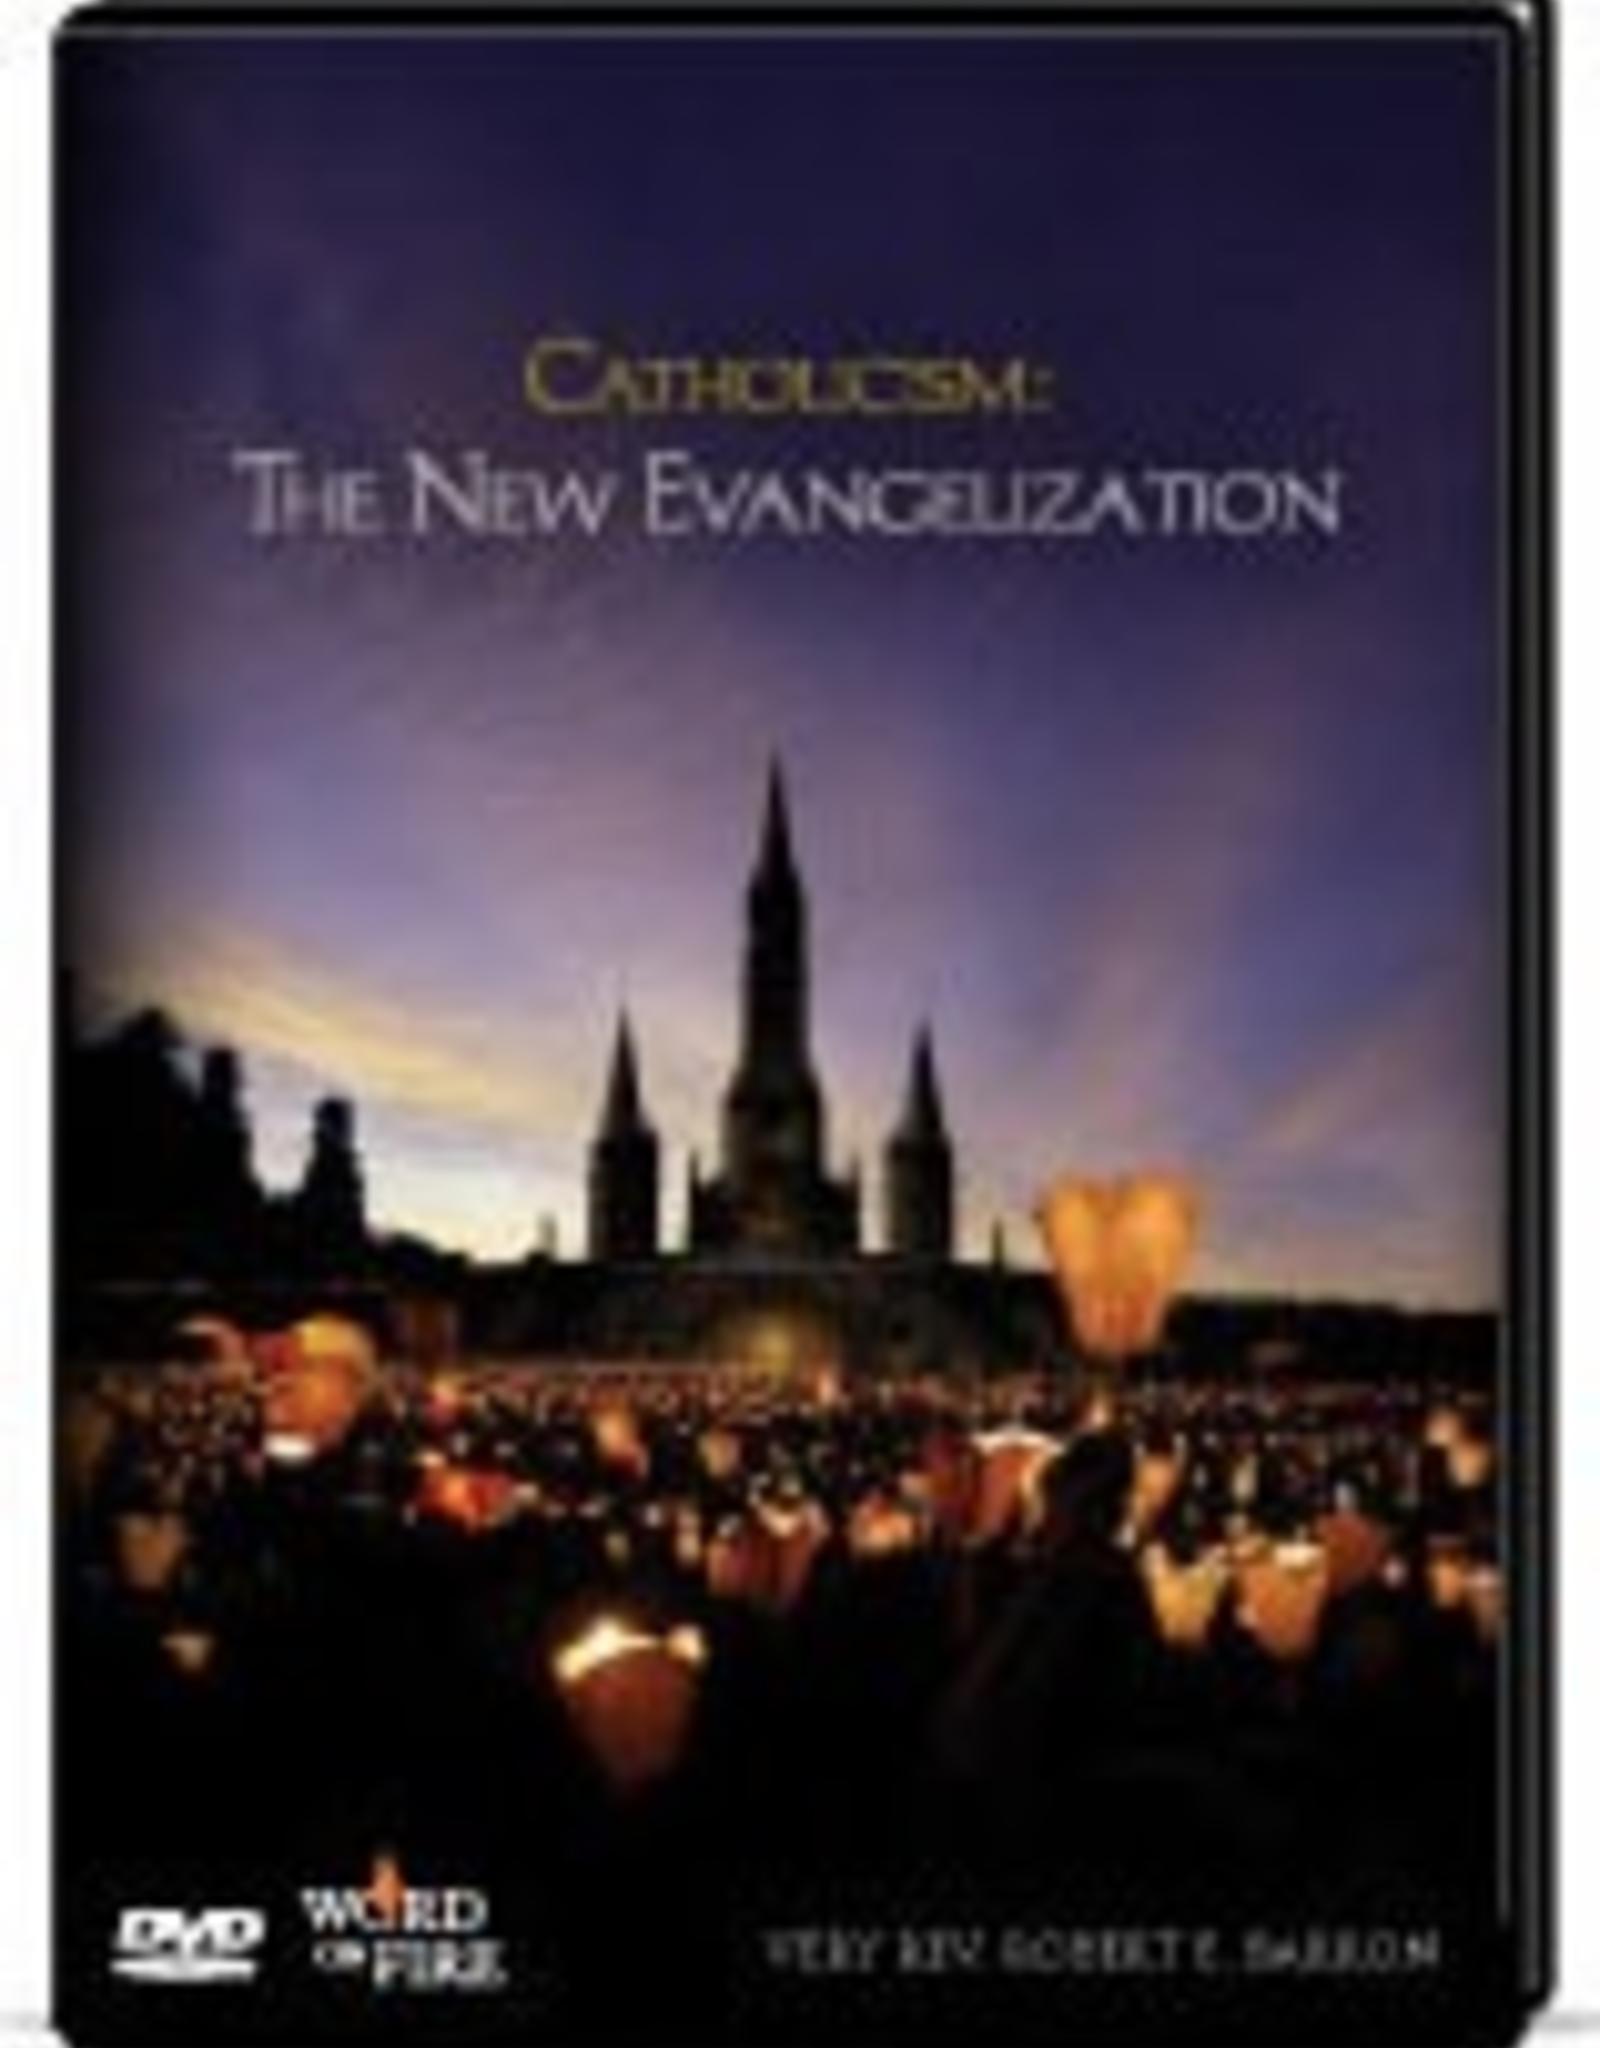 Catholic Word Publisher Group Catholicism:  The New Evangilization DVD Set (4 DVDs)